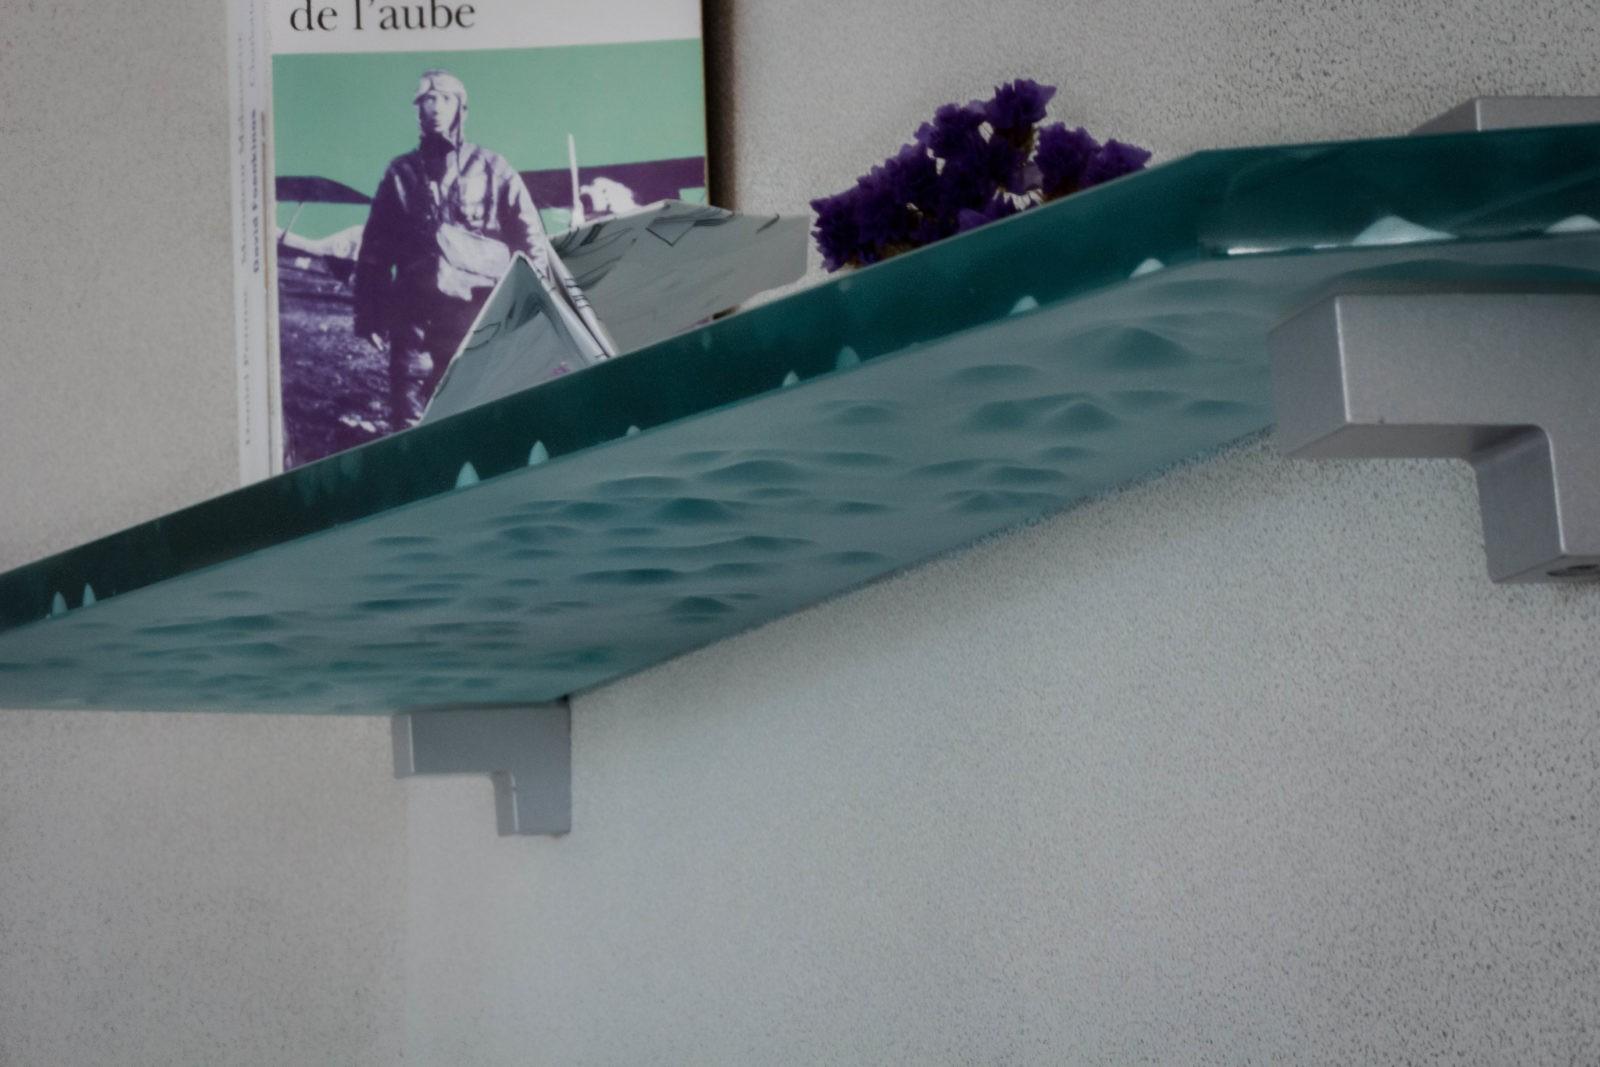 Etagère verre sablage montagne intérieur